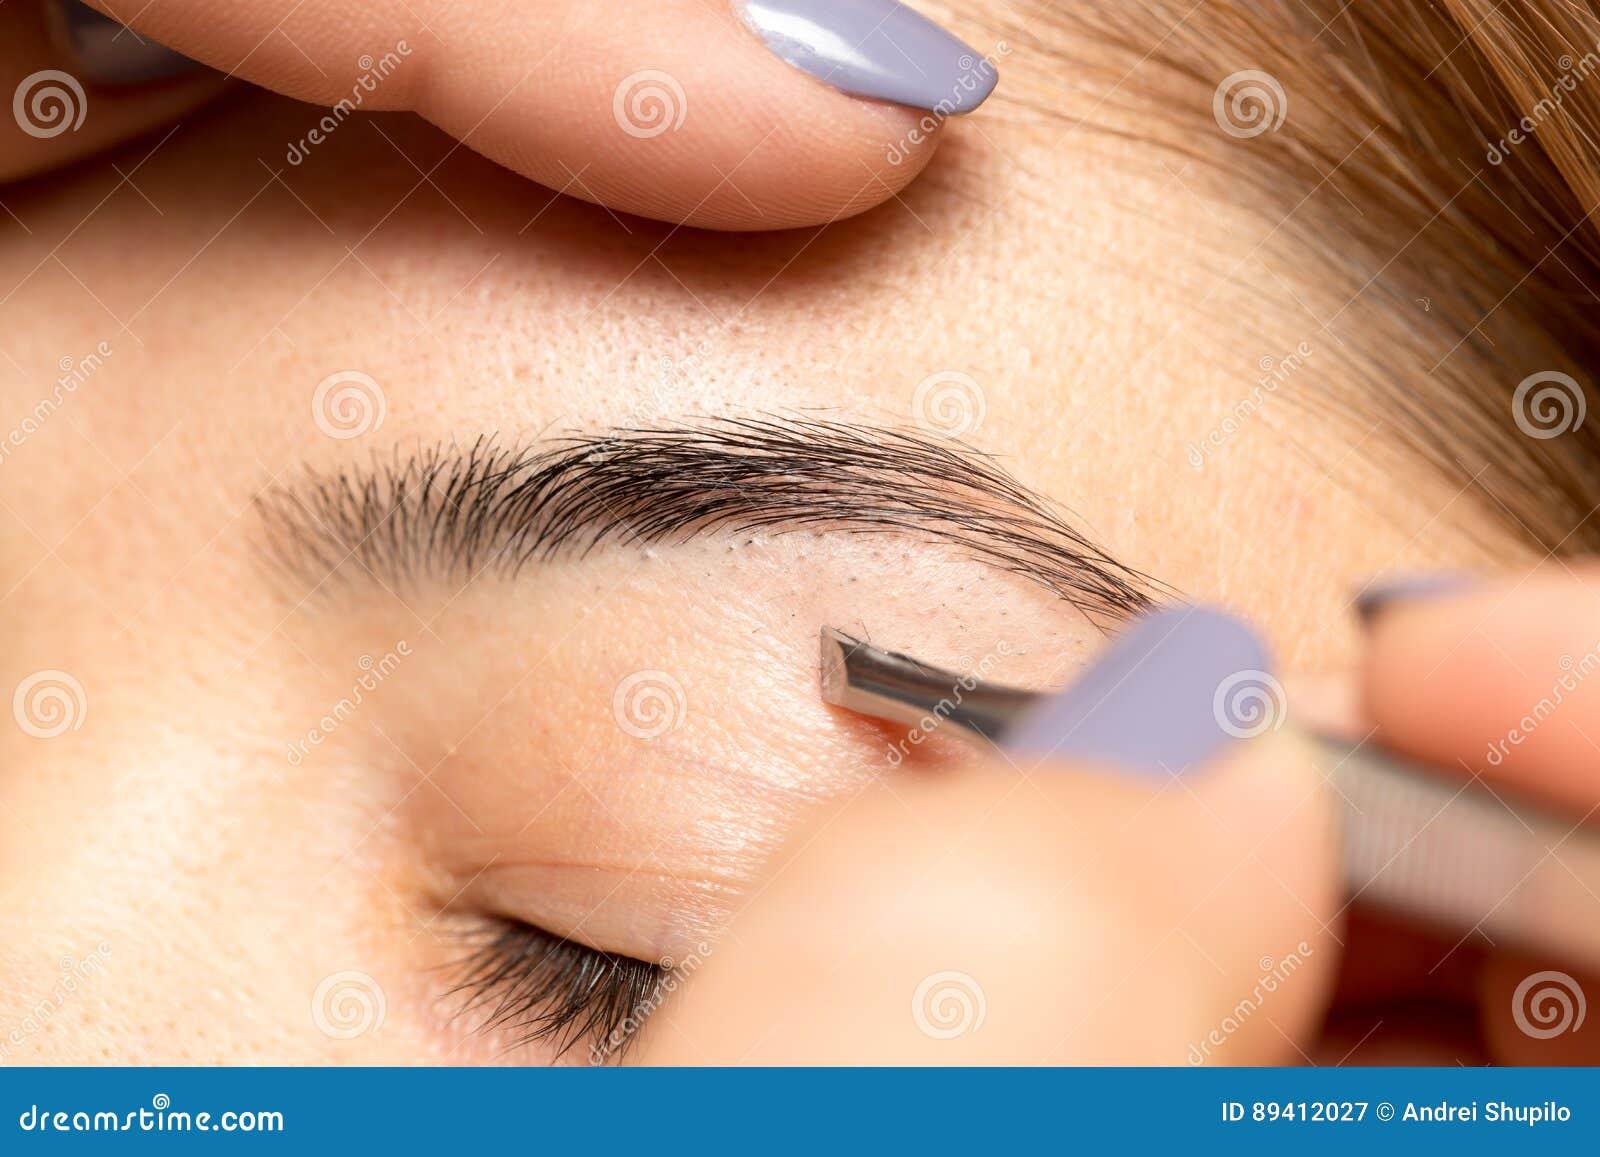 Preparando as sobrancelhas em um salão de beleza